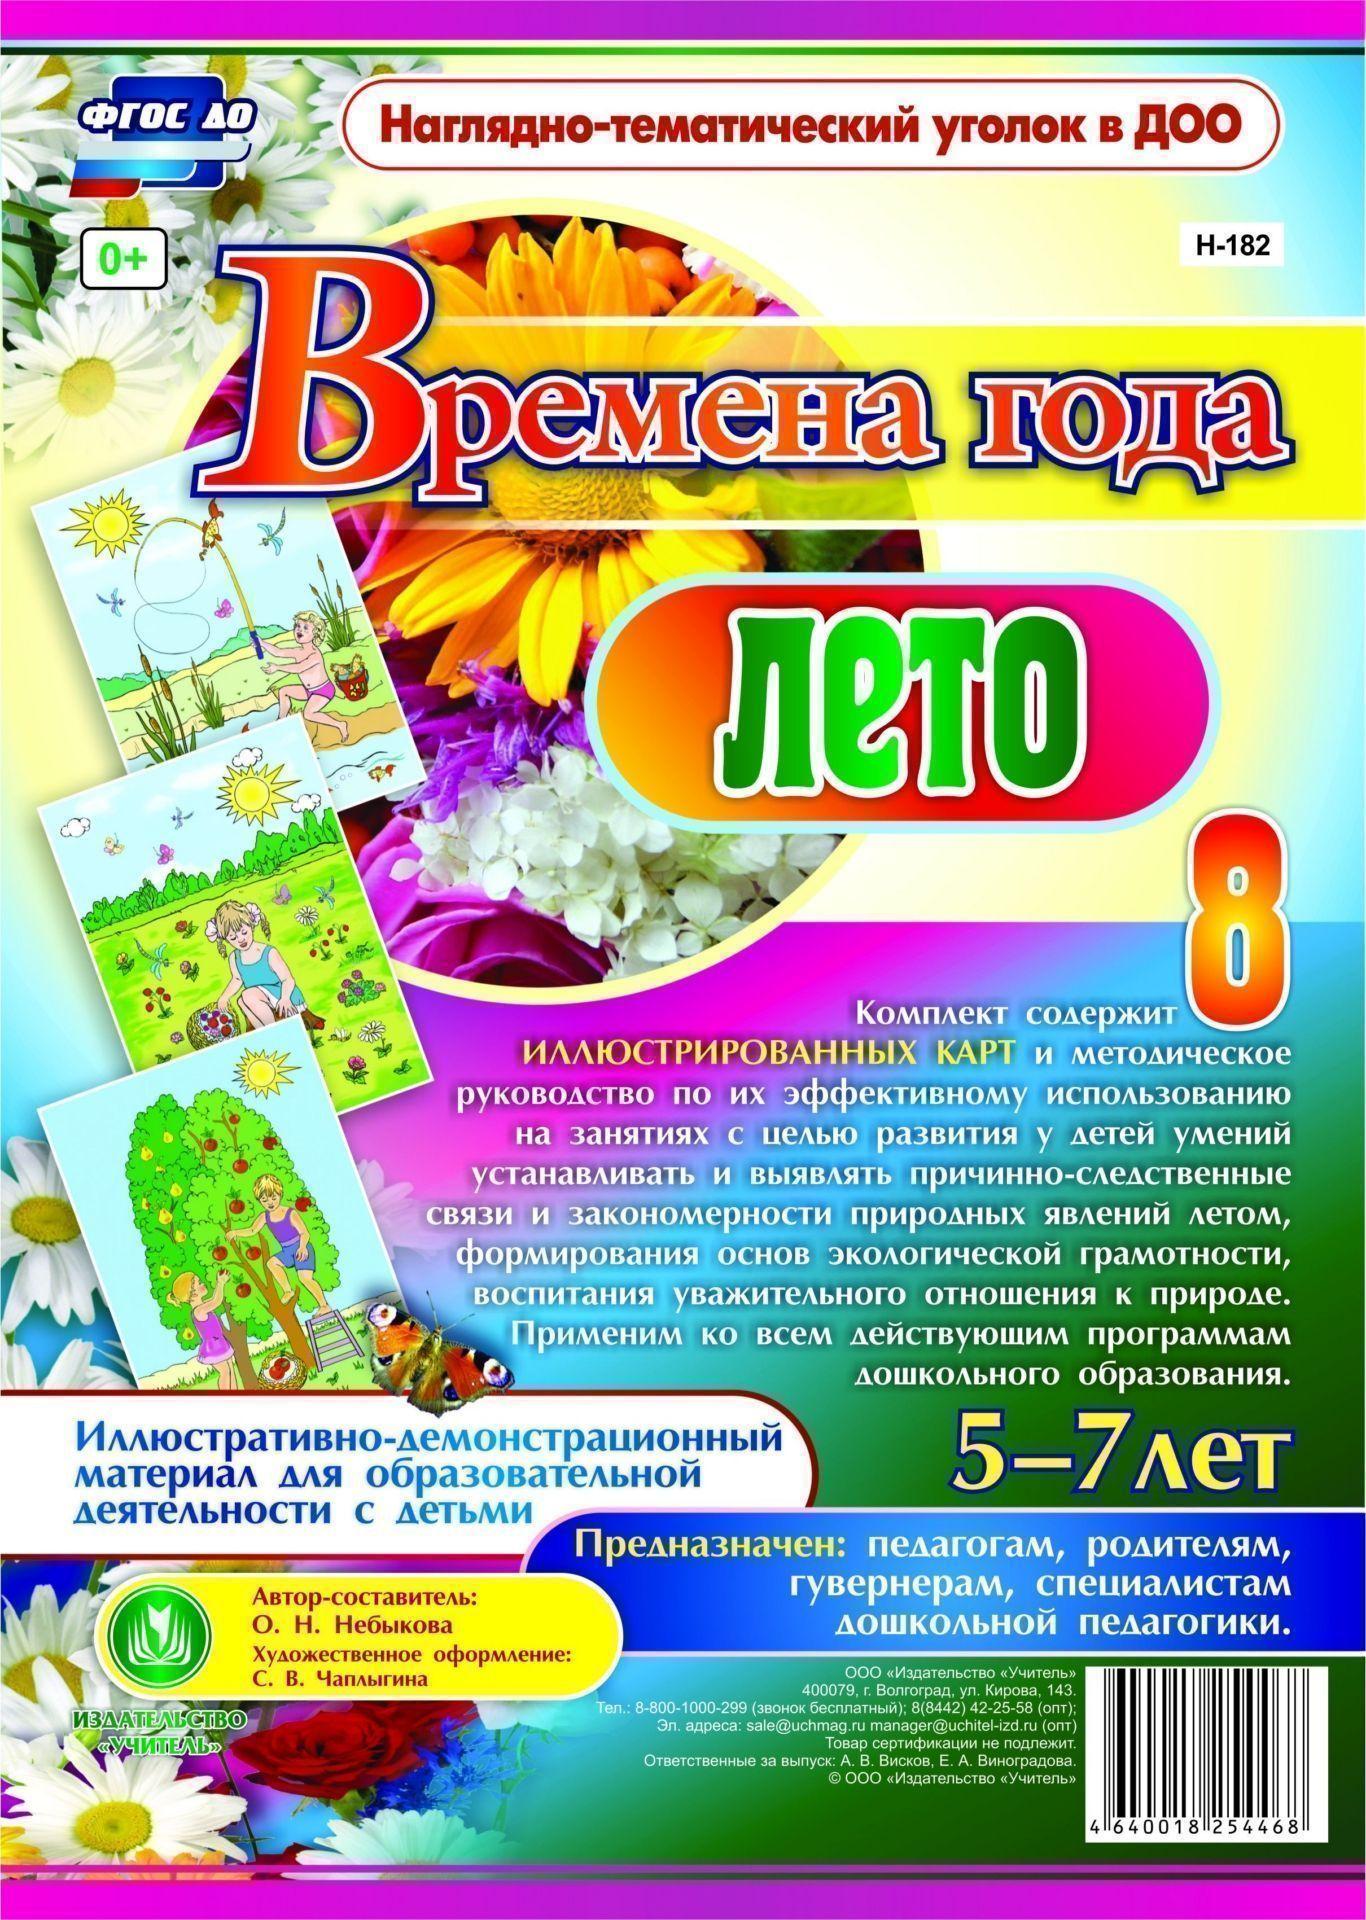 Времена года. Лето. Иллюстративно-демонстрационный материал для образовательной деятельности с детьми 5-7 лет: 8 красочно оформленных карт с методическим сопровождением